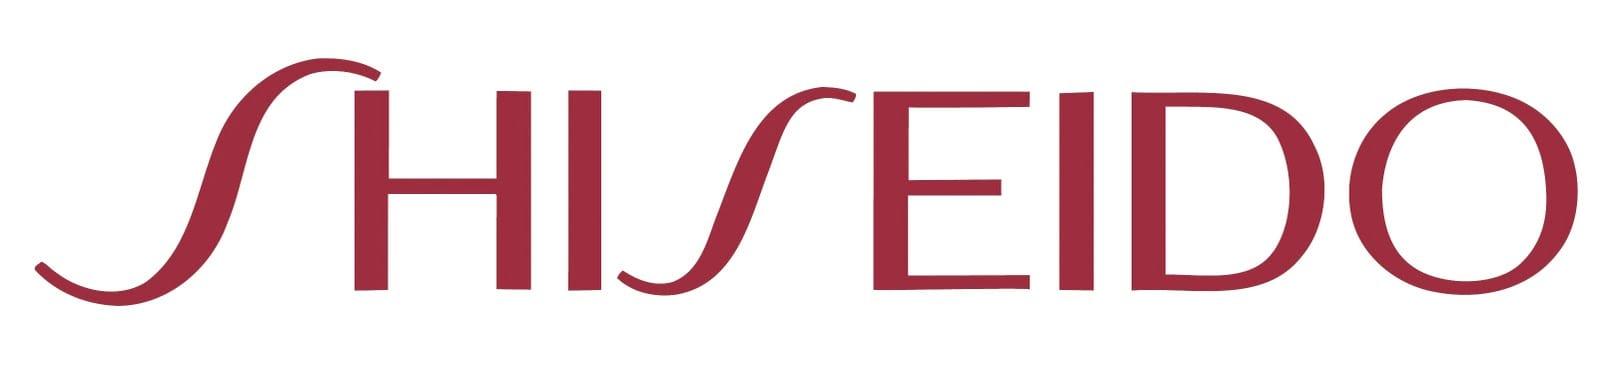 Logo Shiseido thérapie cosmétiques